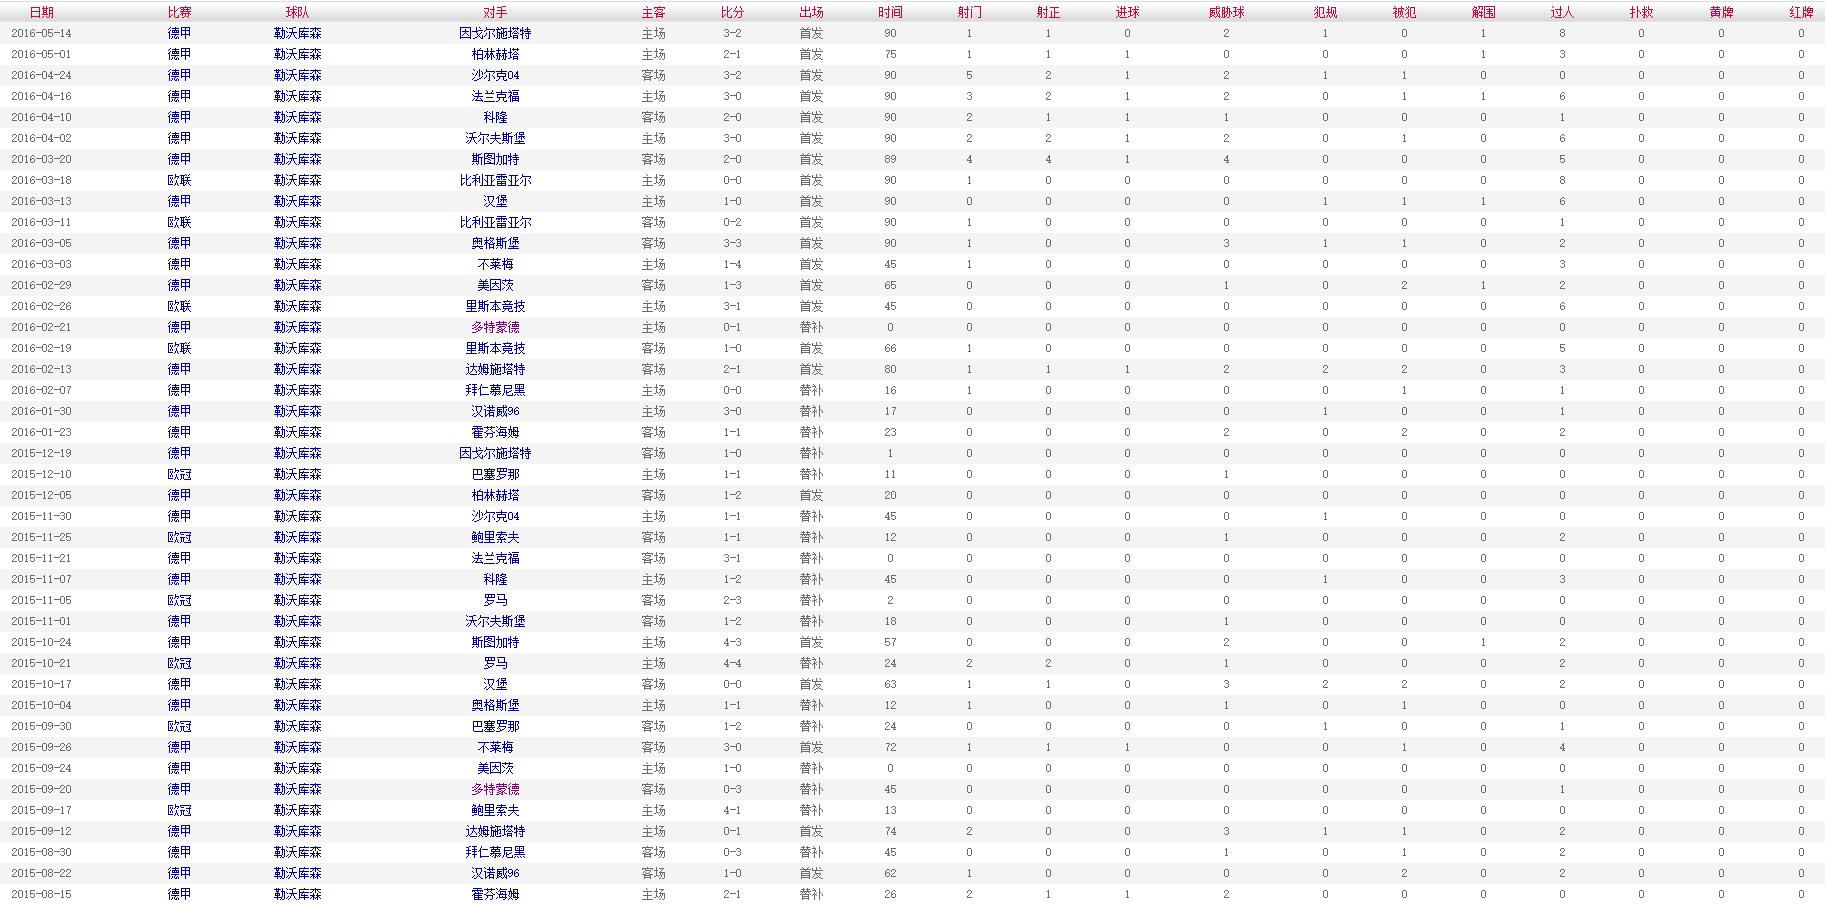 布兰特 2015-2016赛季比赛数据